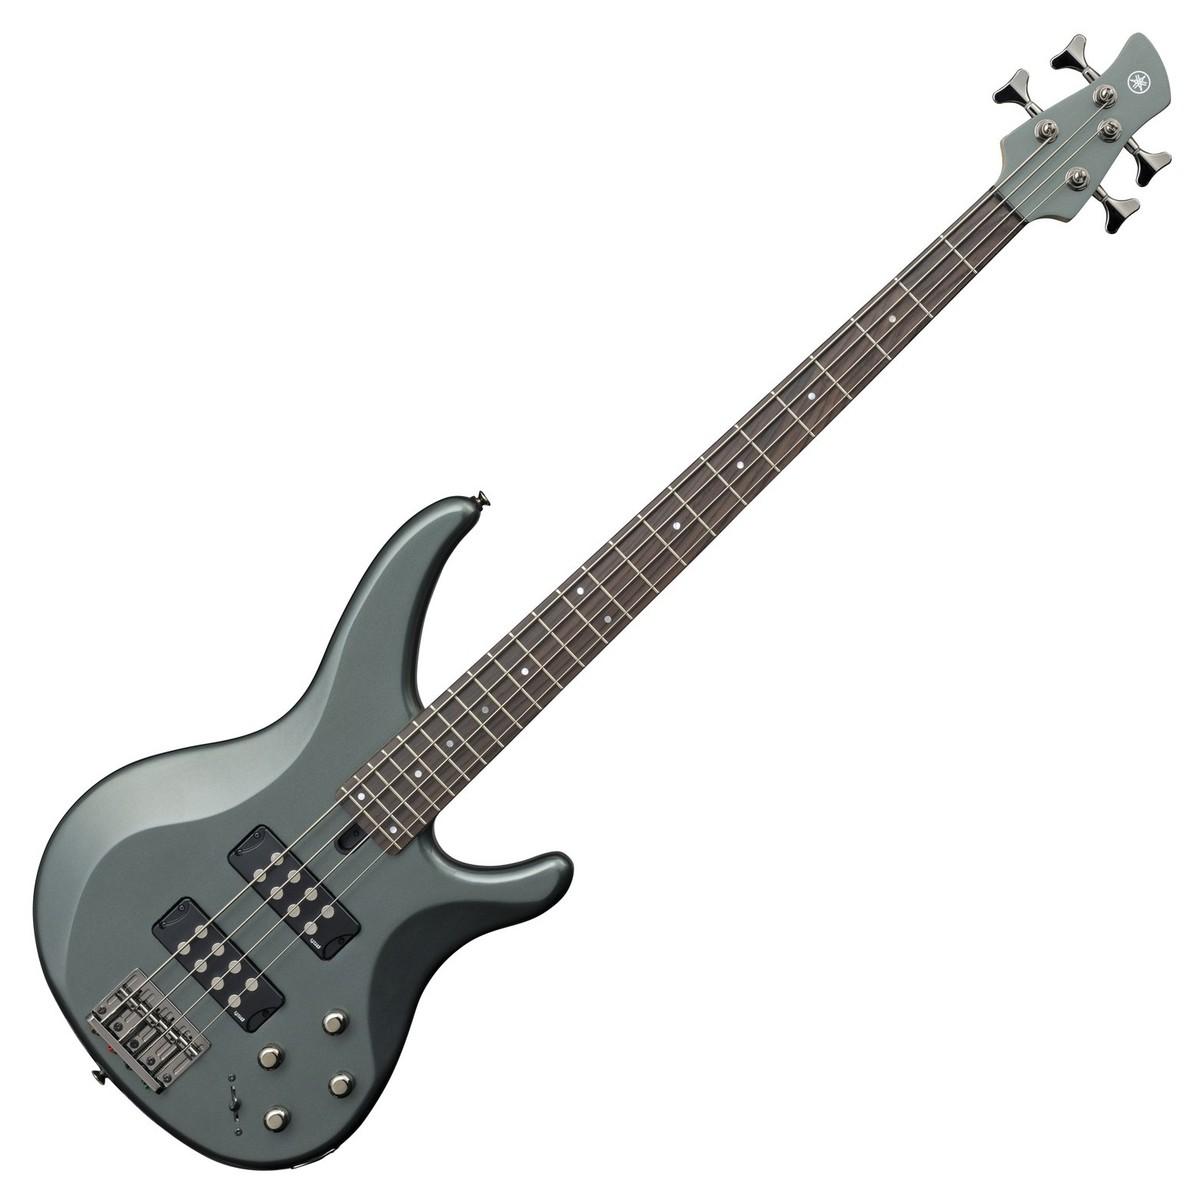 yamaha trbx304 bass guitar mist green at gear4music. Black Bedroom Furniture Sets. Home Design Ideas